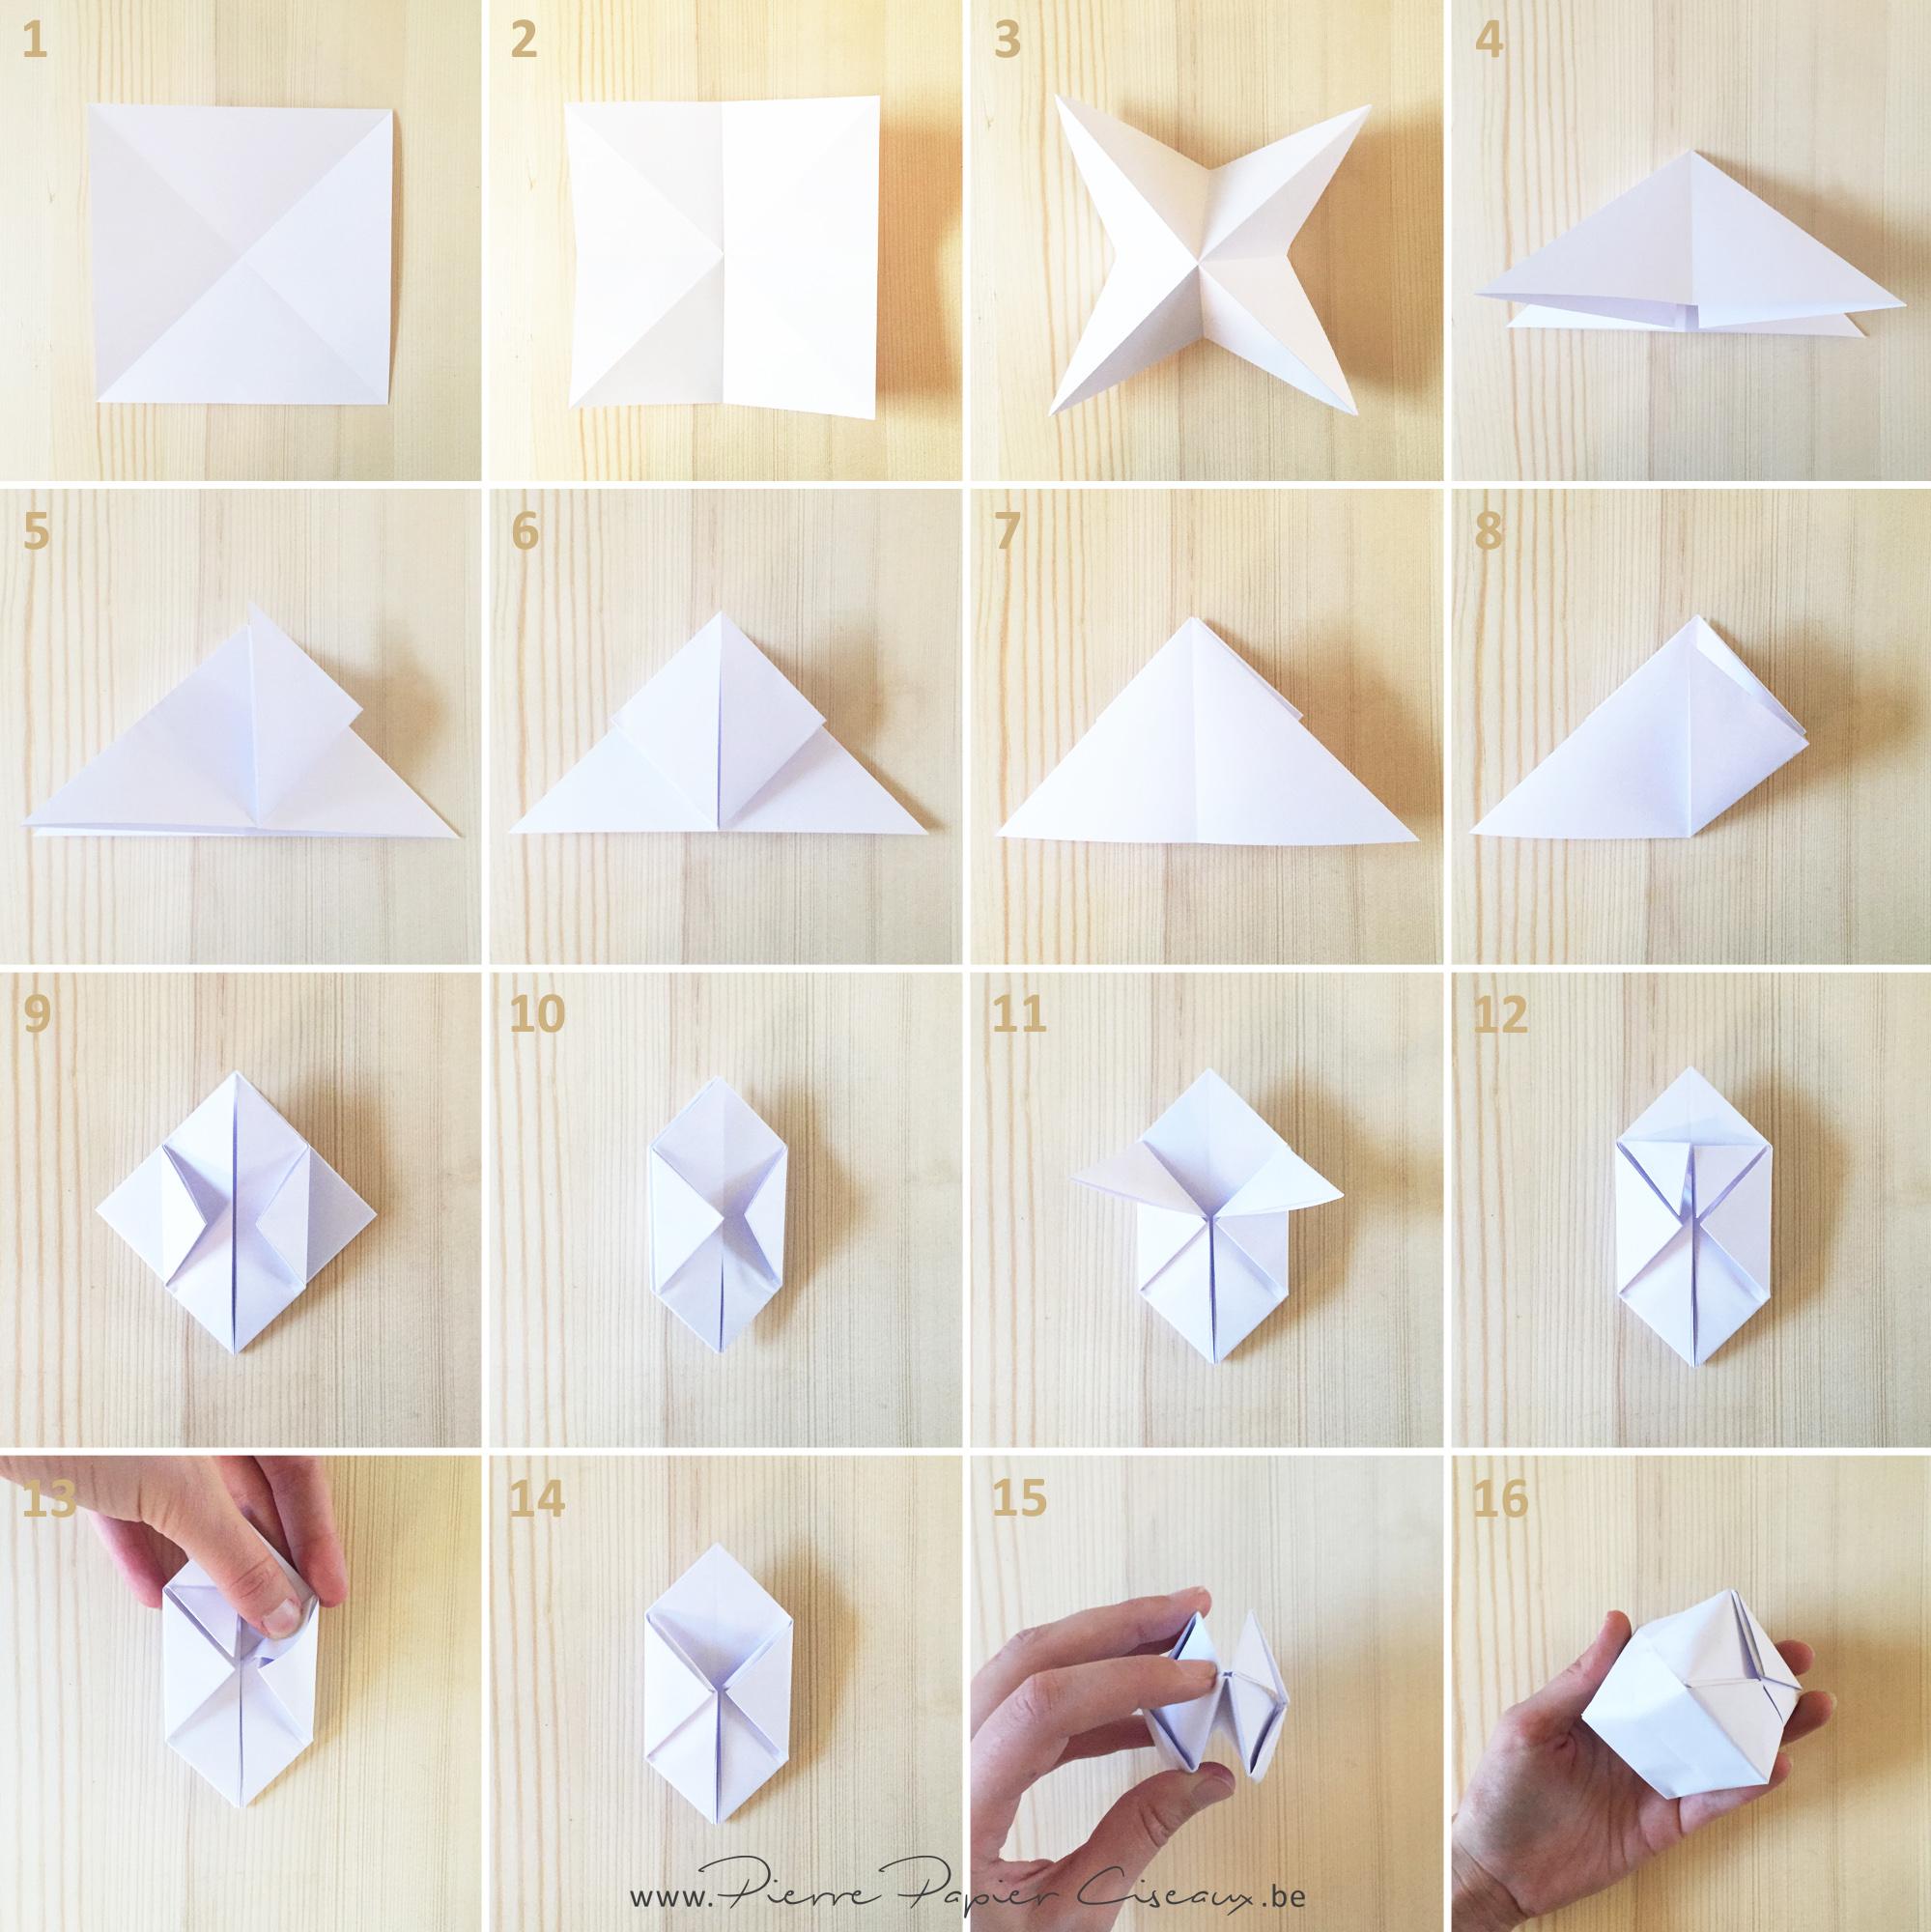 étapes de pliage pour réaliser une boule origami